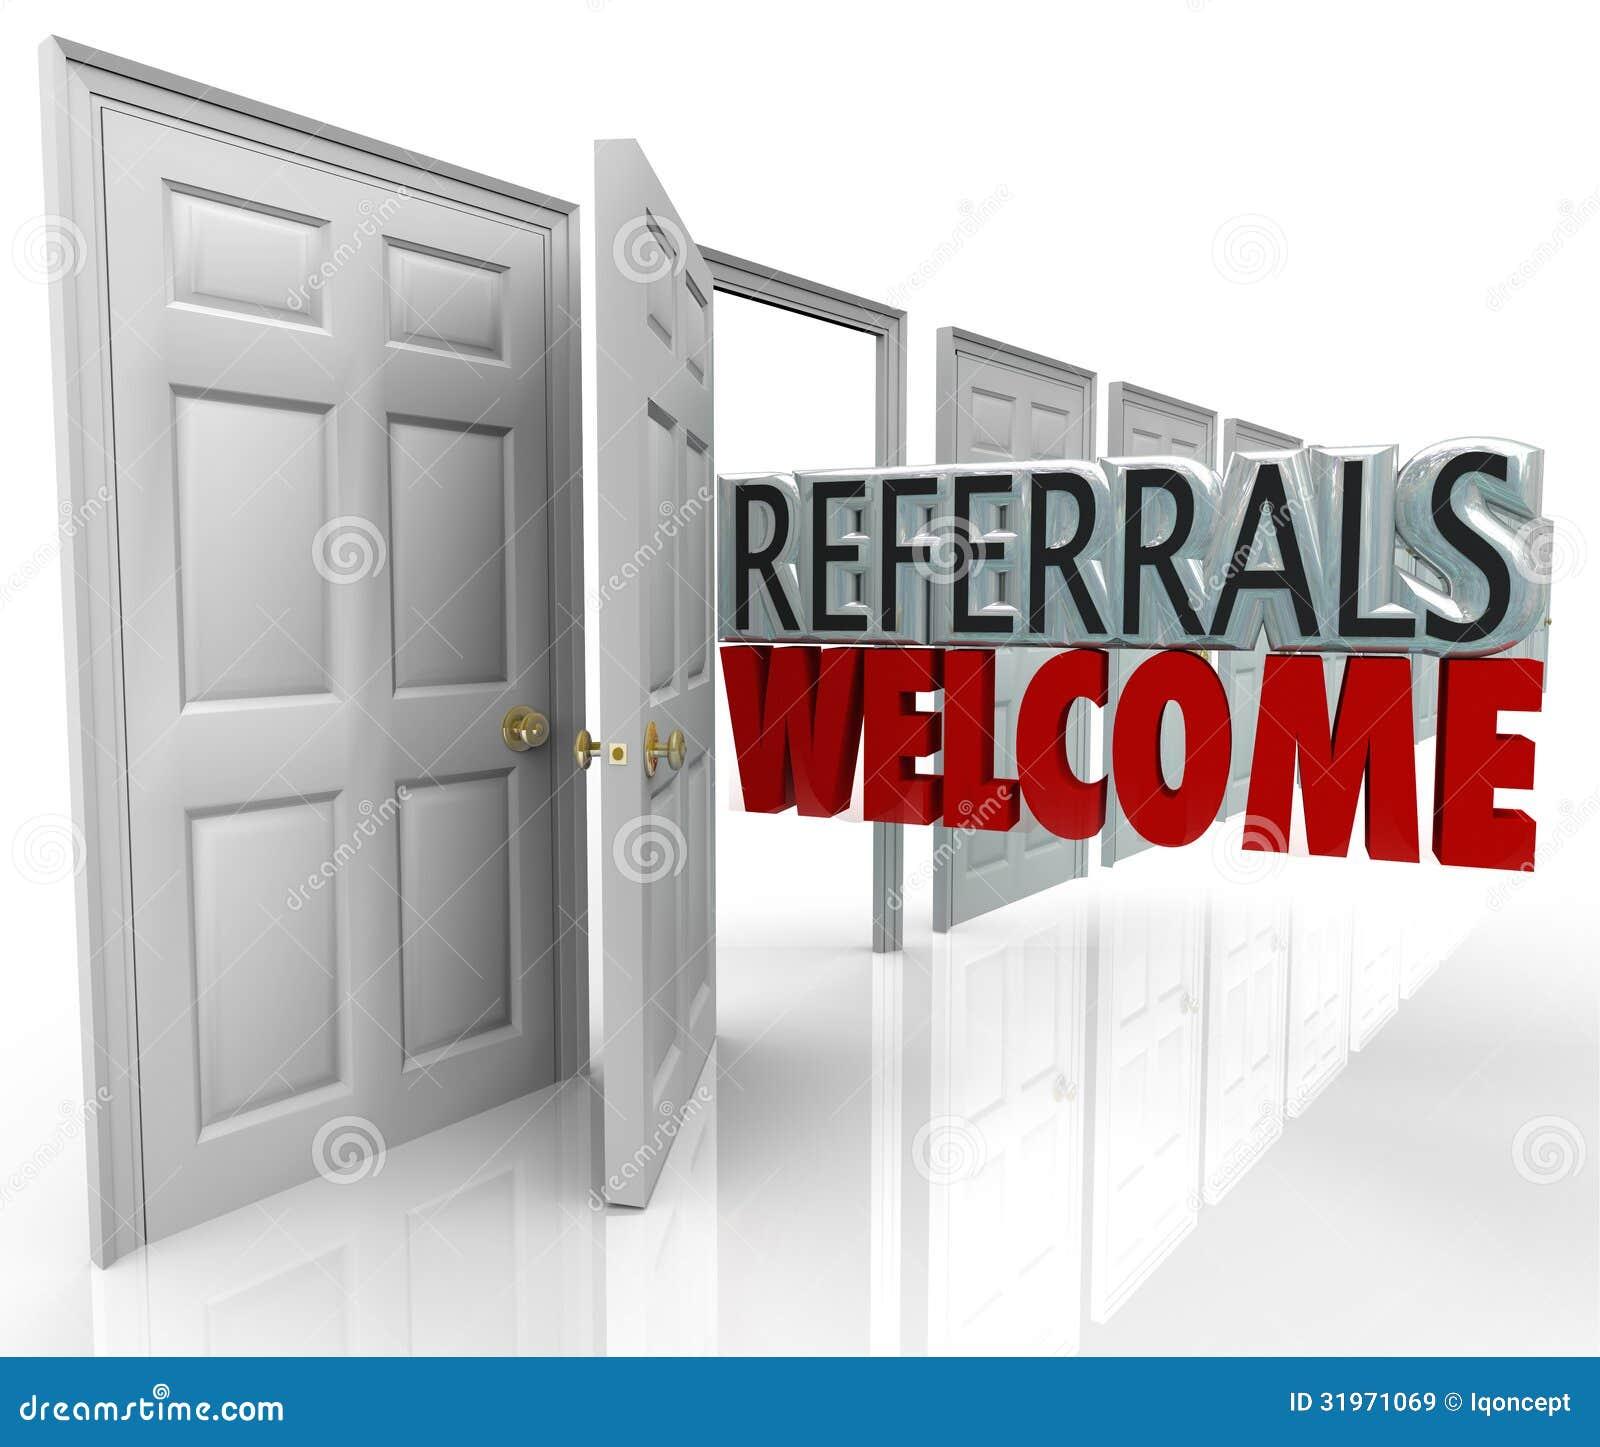 business customers door new open refer referrals welcome ...